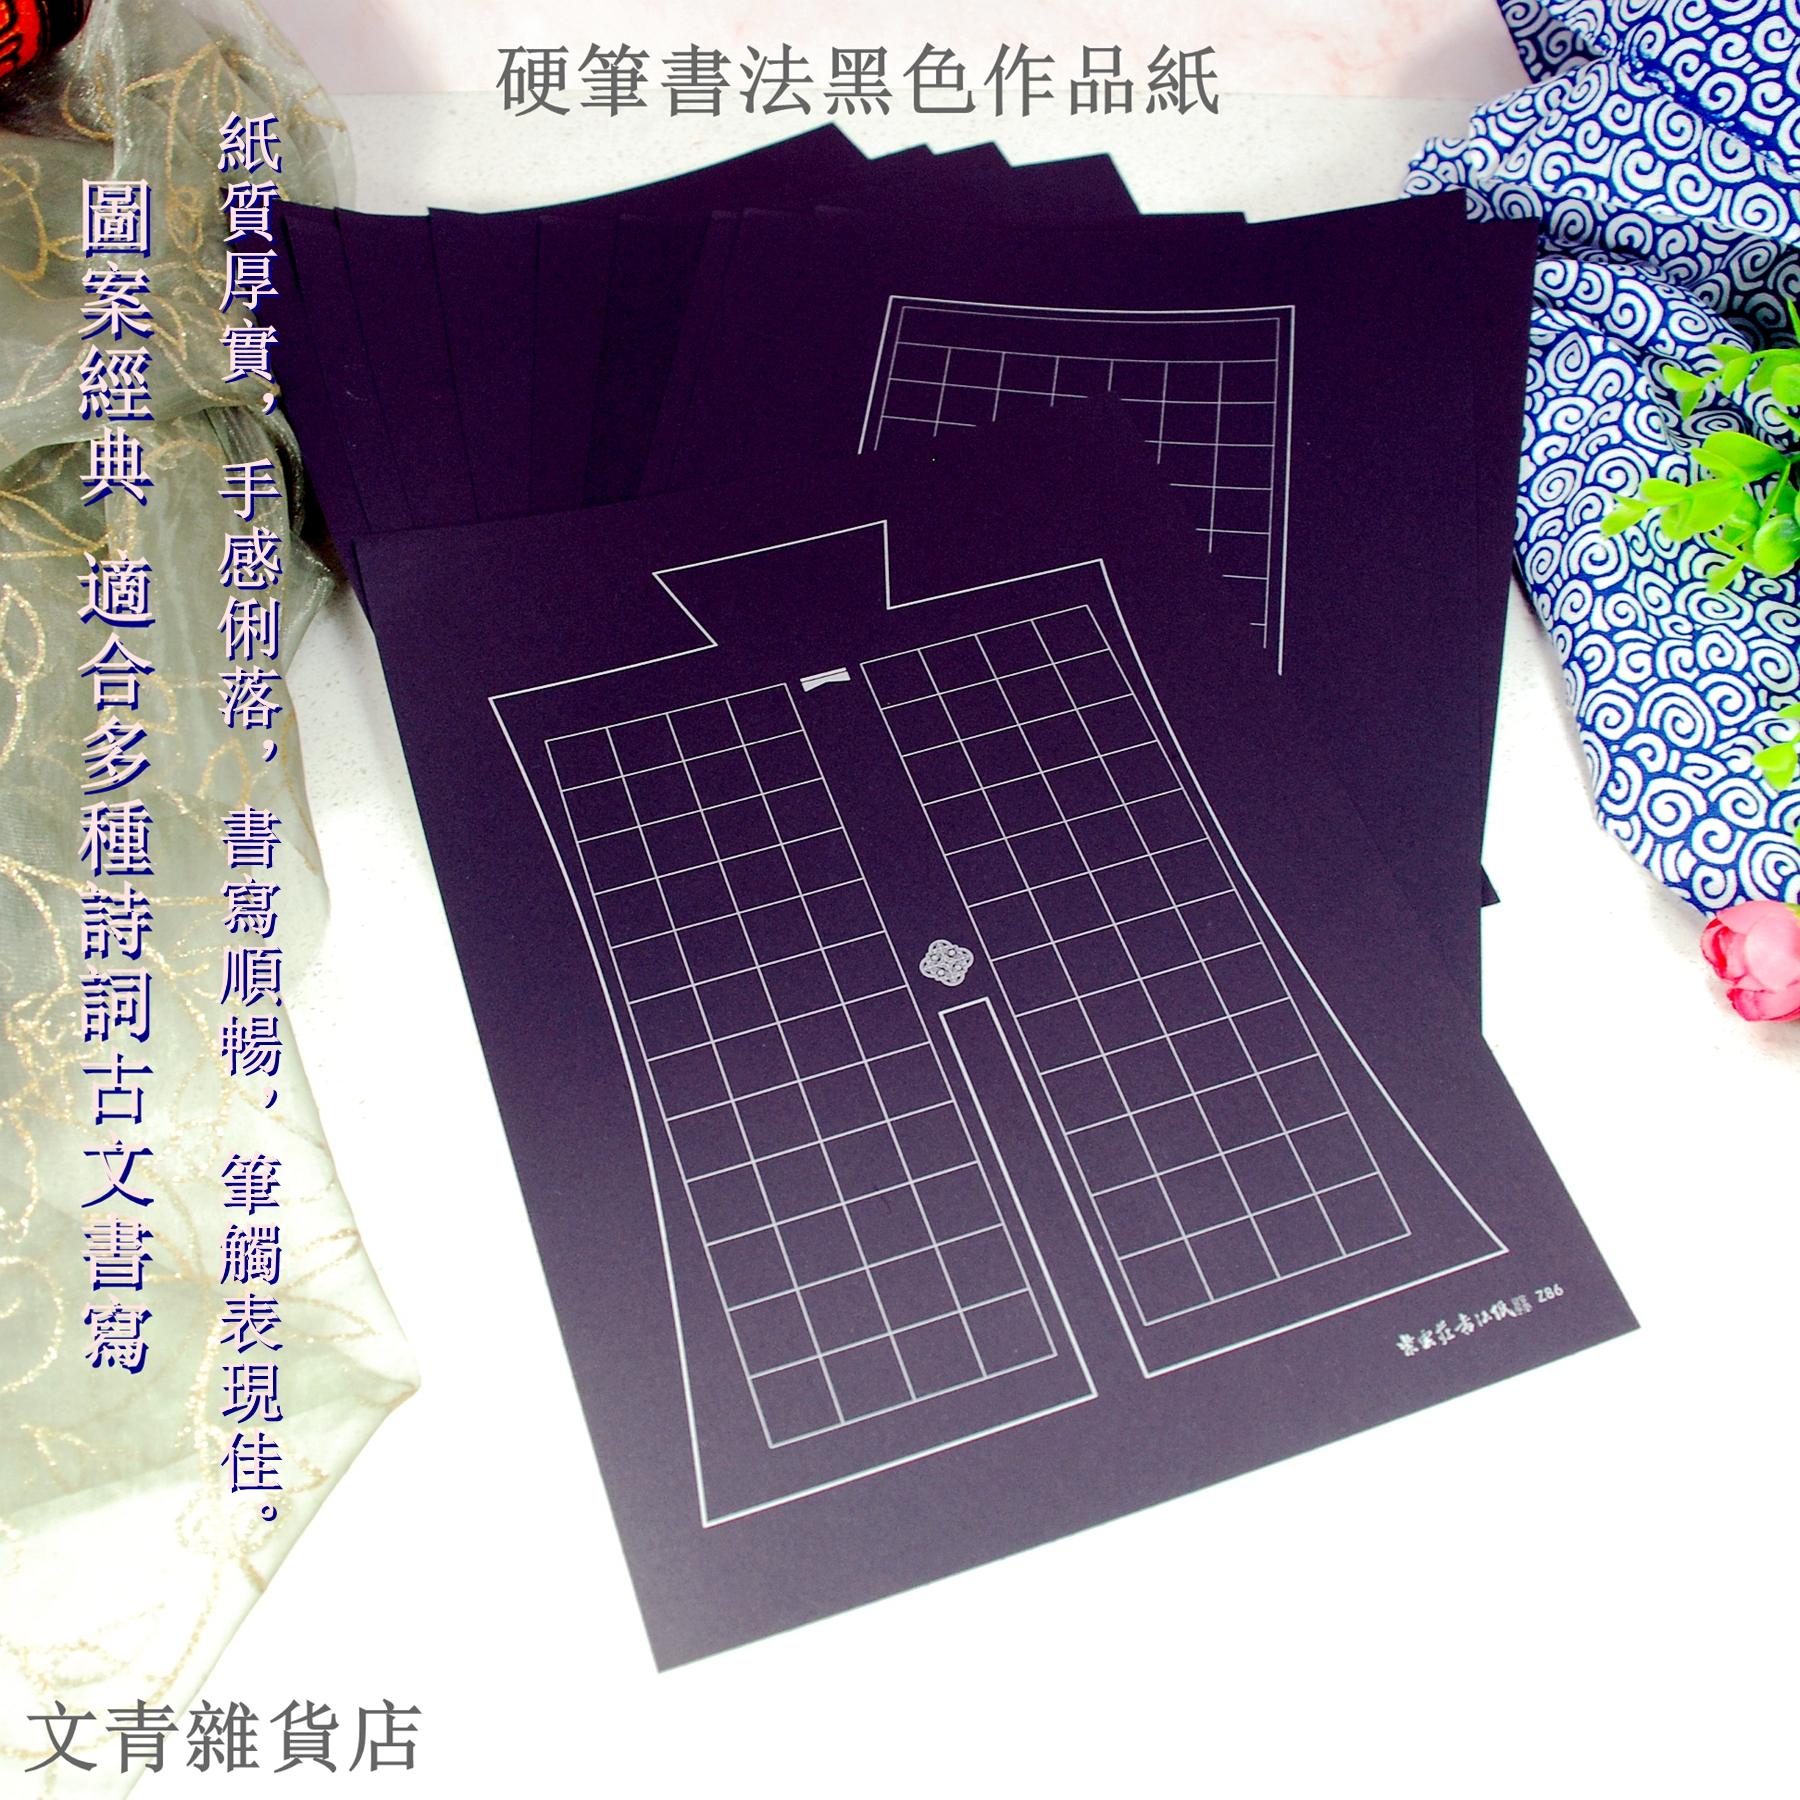 硬筆習書人注意!硬筆書法黑底白字比賽用作品紙 A4尺寸 一套10張 紙質優良 款式張張不同